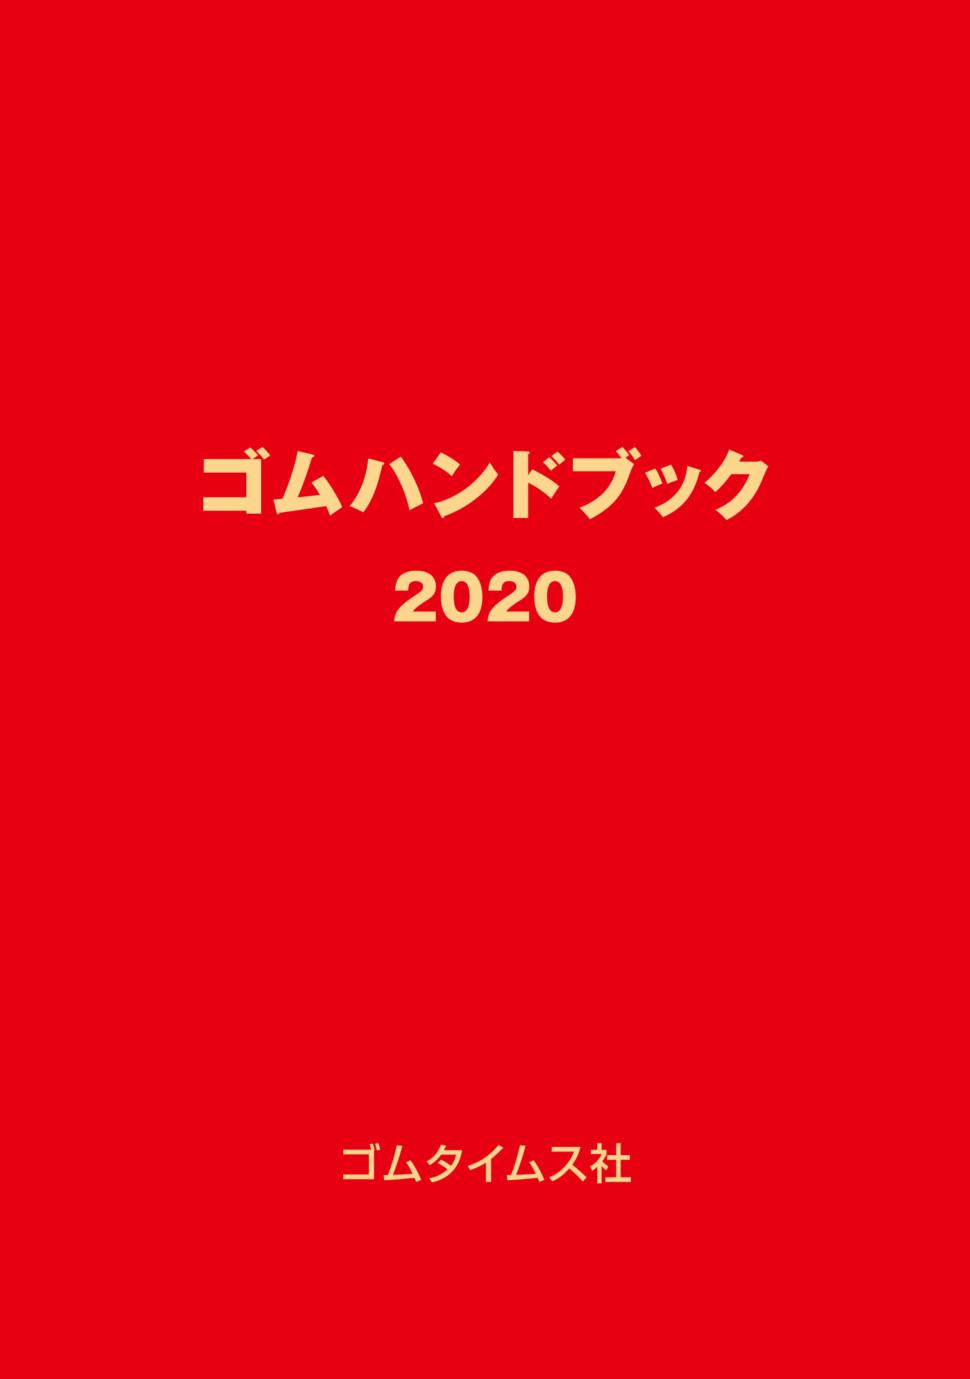 ゴムハンドブック2020